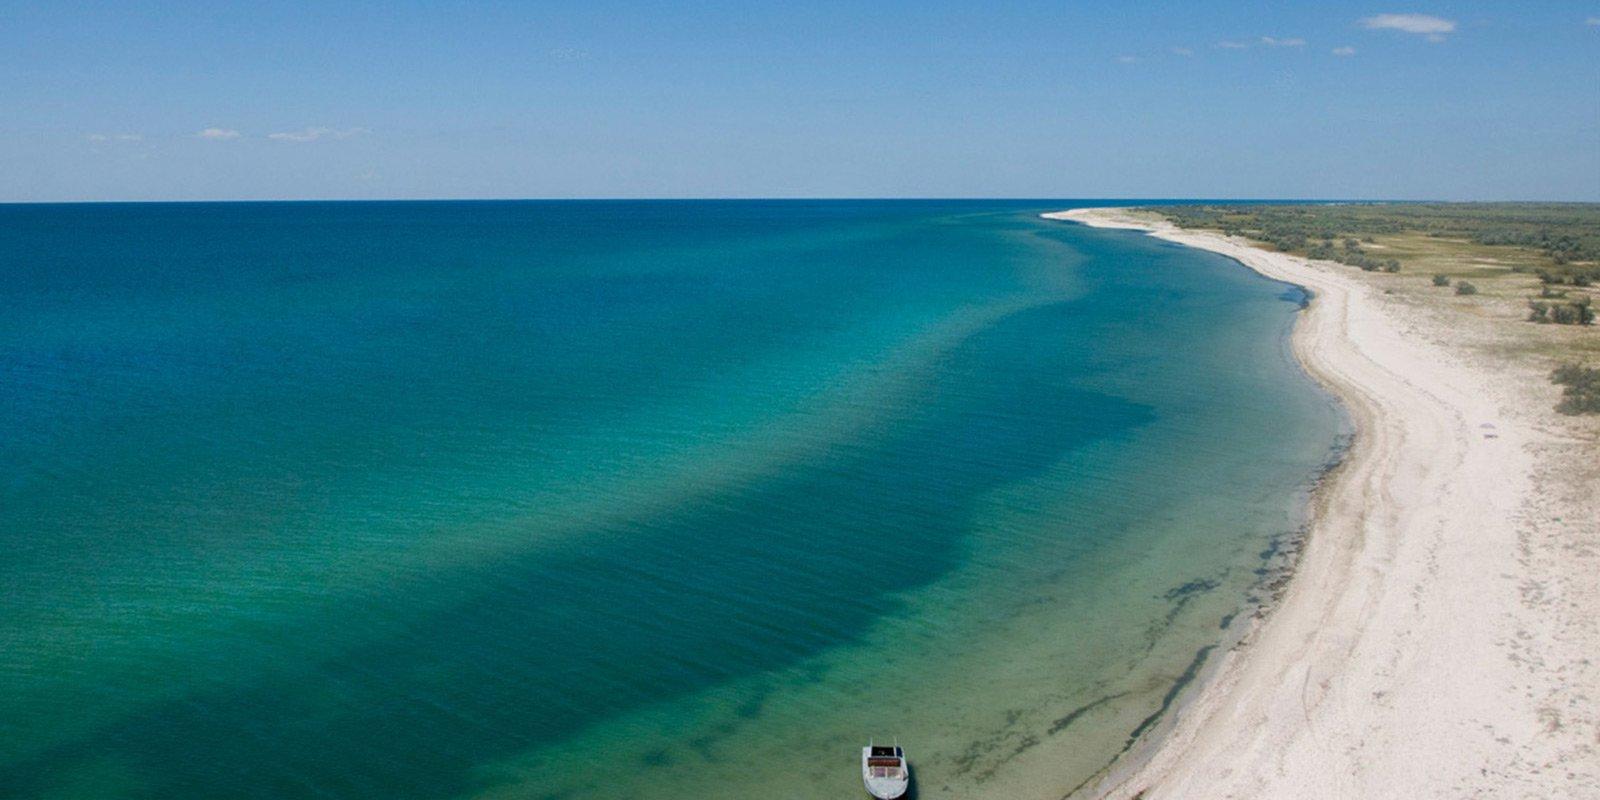 Піщані дюни, болотисті низовини, величезна кількість невеликих озер і безкраї пляжі створюють ілюзію безлюдності. Нескінченний піщаний берег - ідеальний плацдарм для виходу у відкрите море.